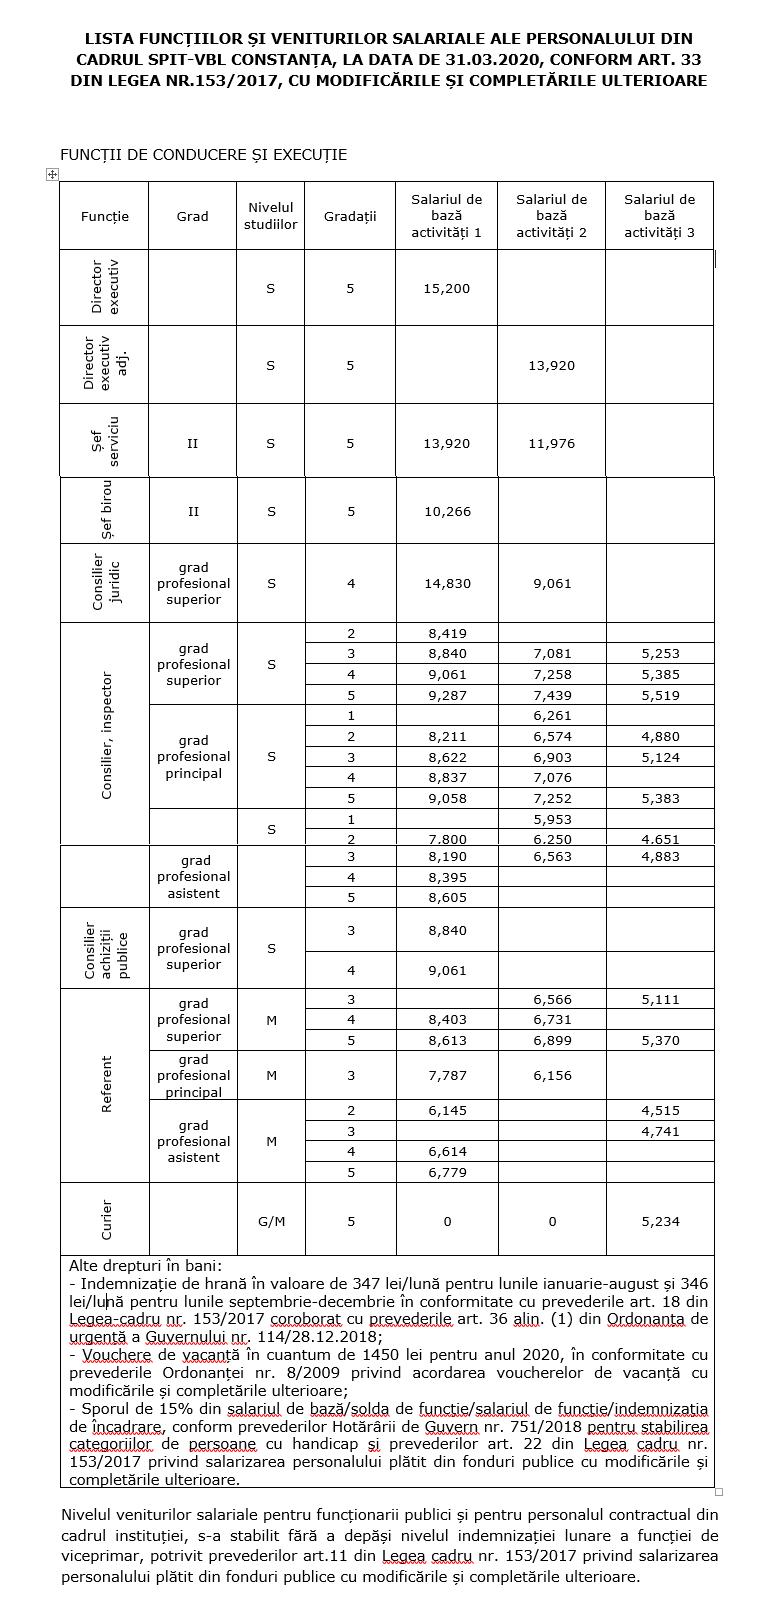 Lista functiilor si veniturilor salariale la data de 31.03.2020